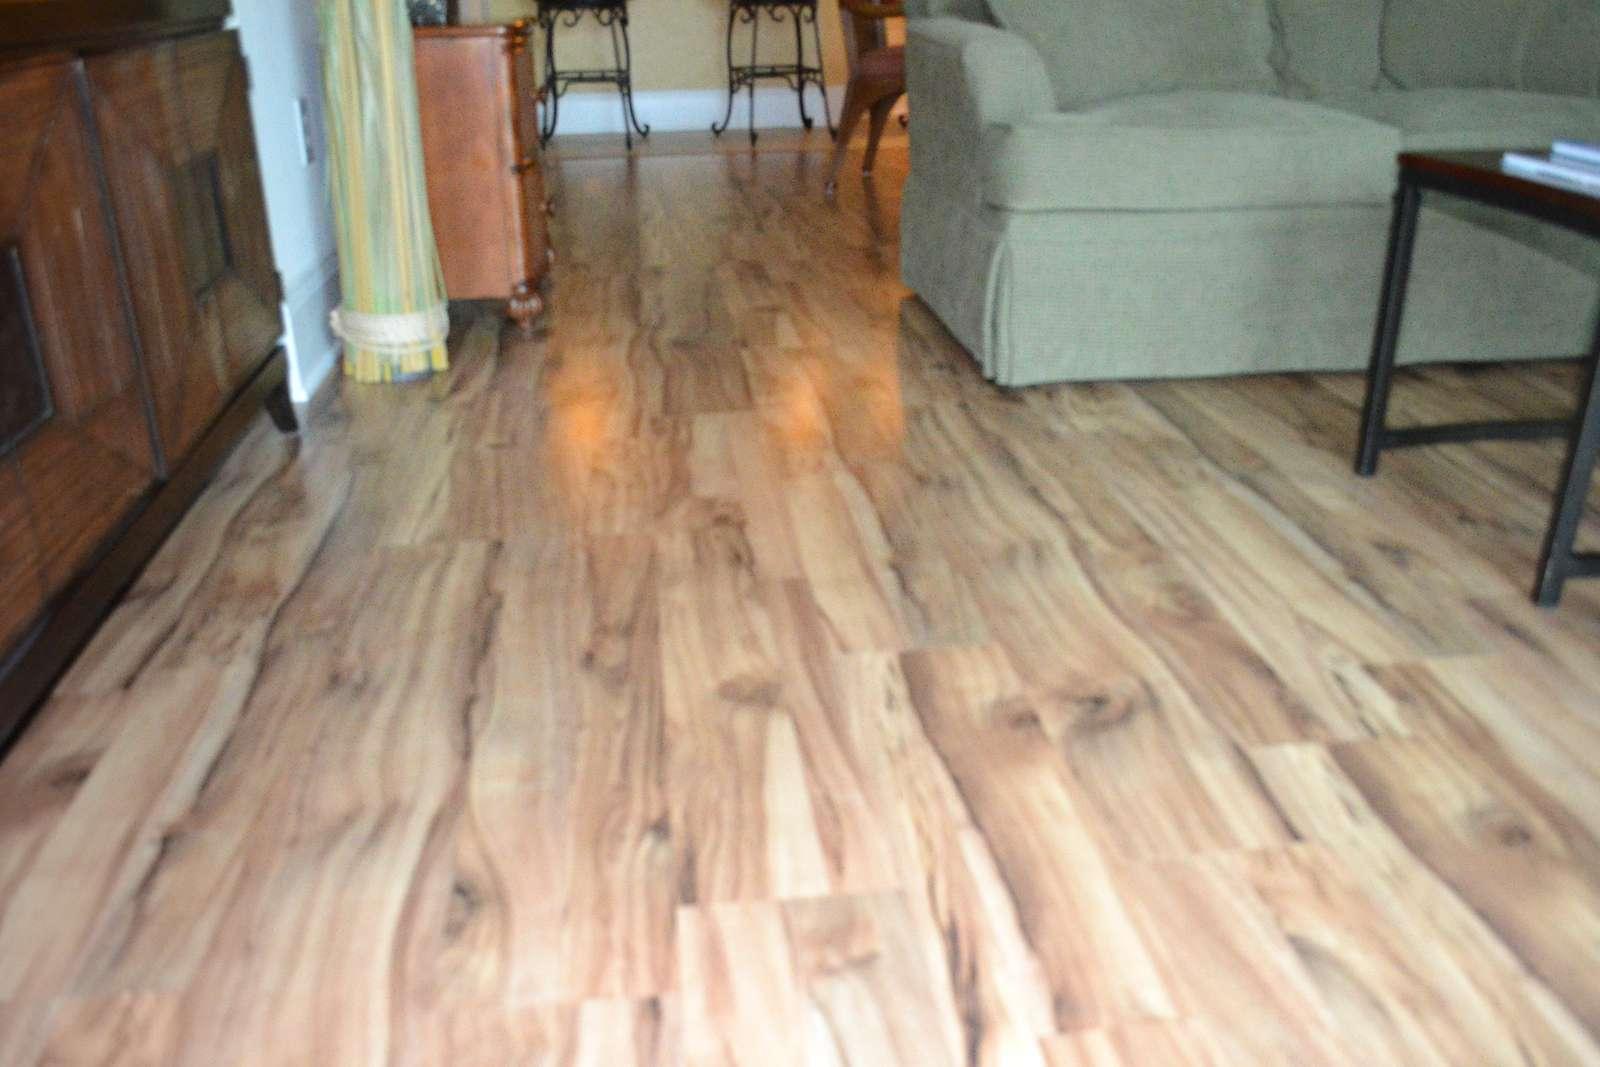 Beautiful new laminate wood flooring